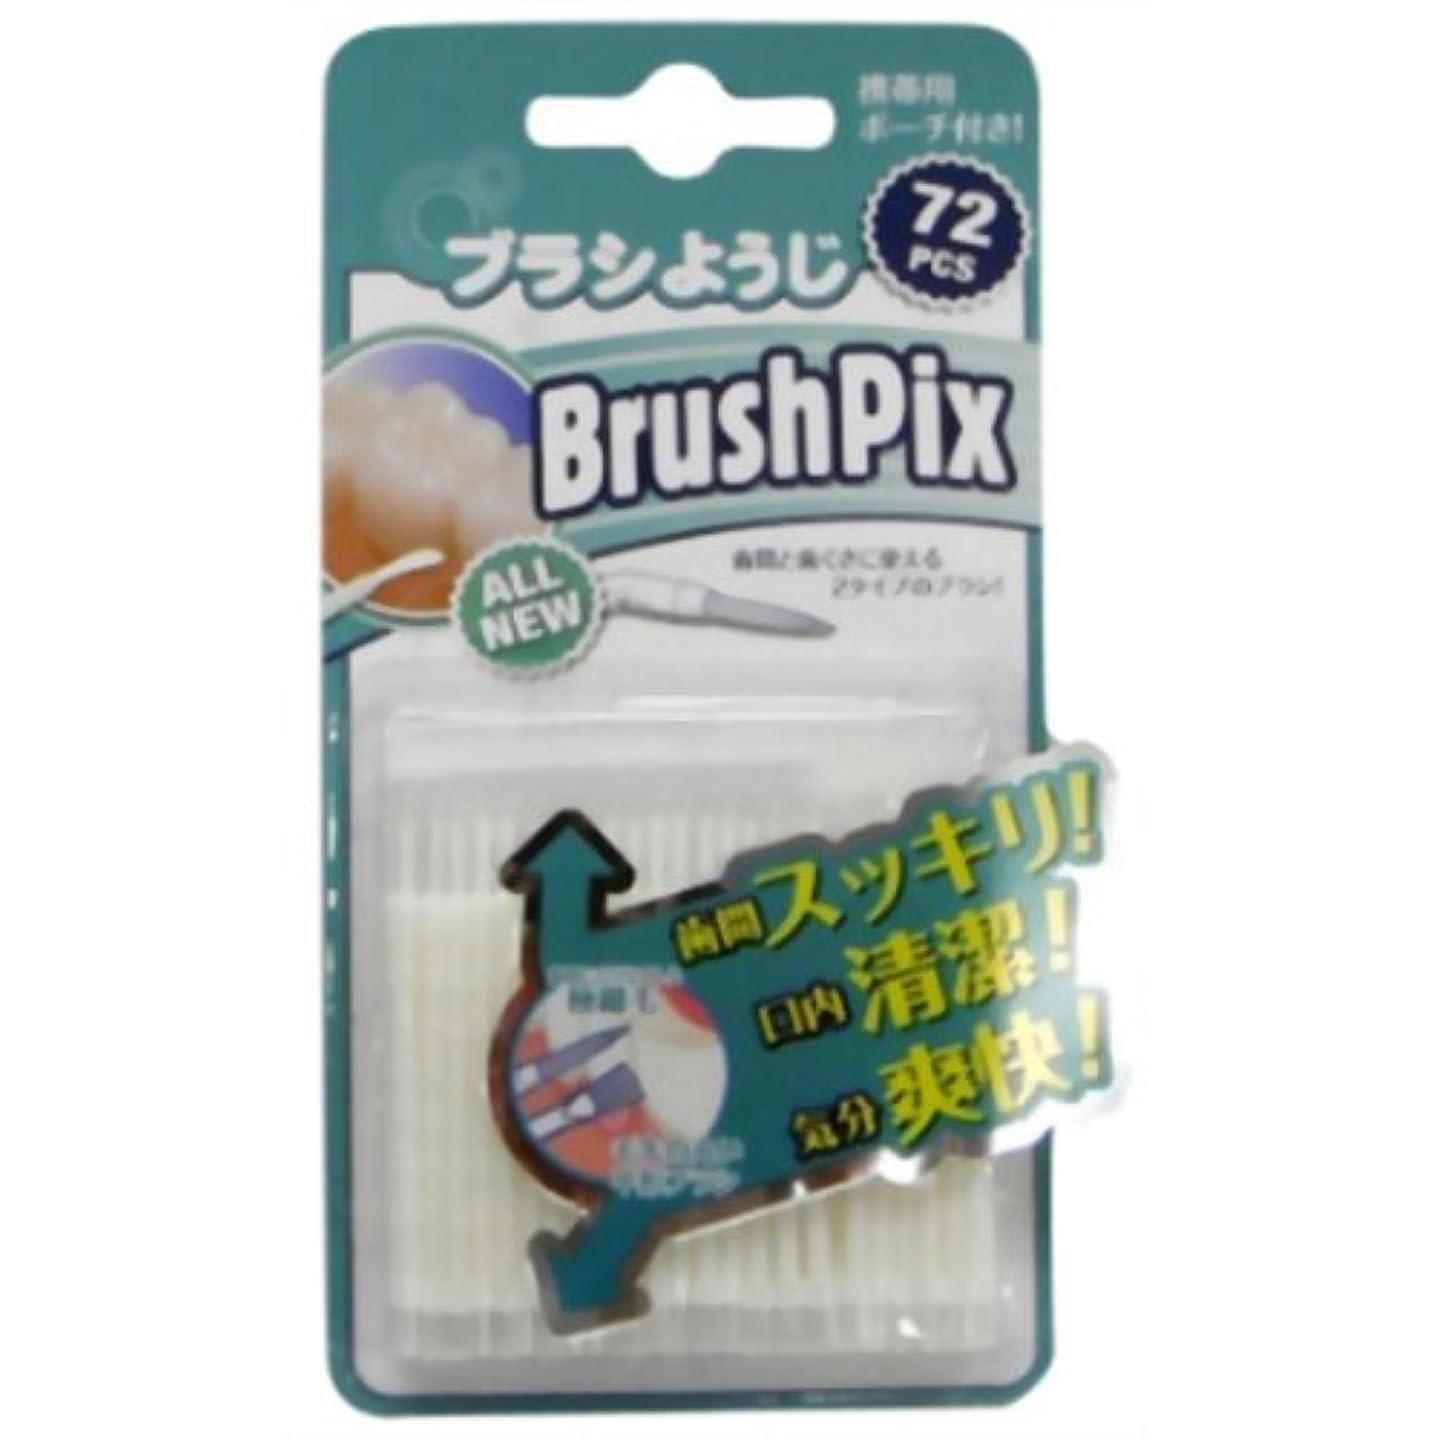 郵便番号船尾色PINO BrushPix BP-72 72本入